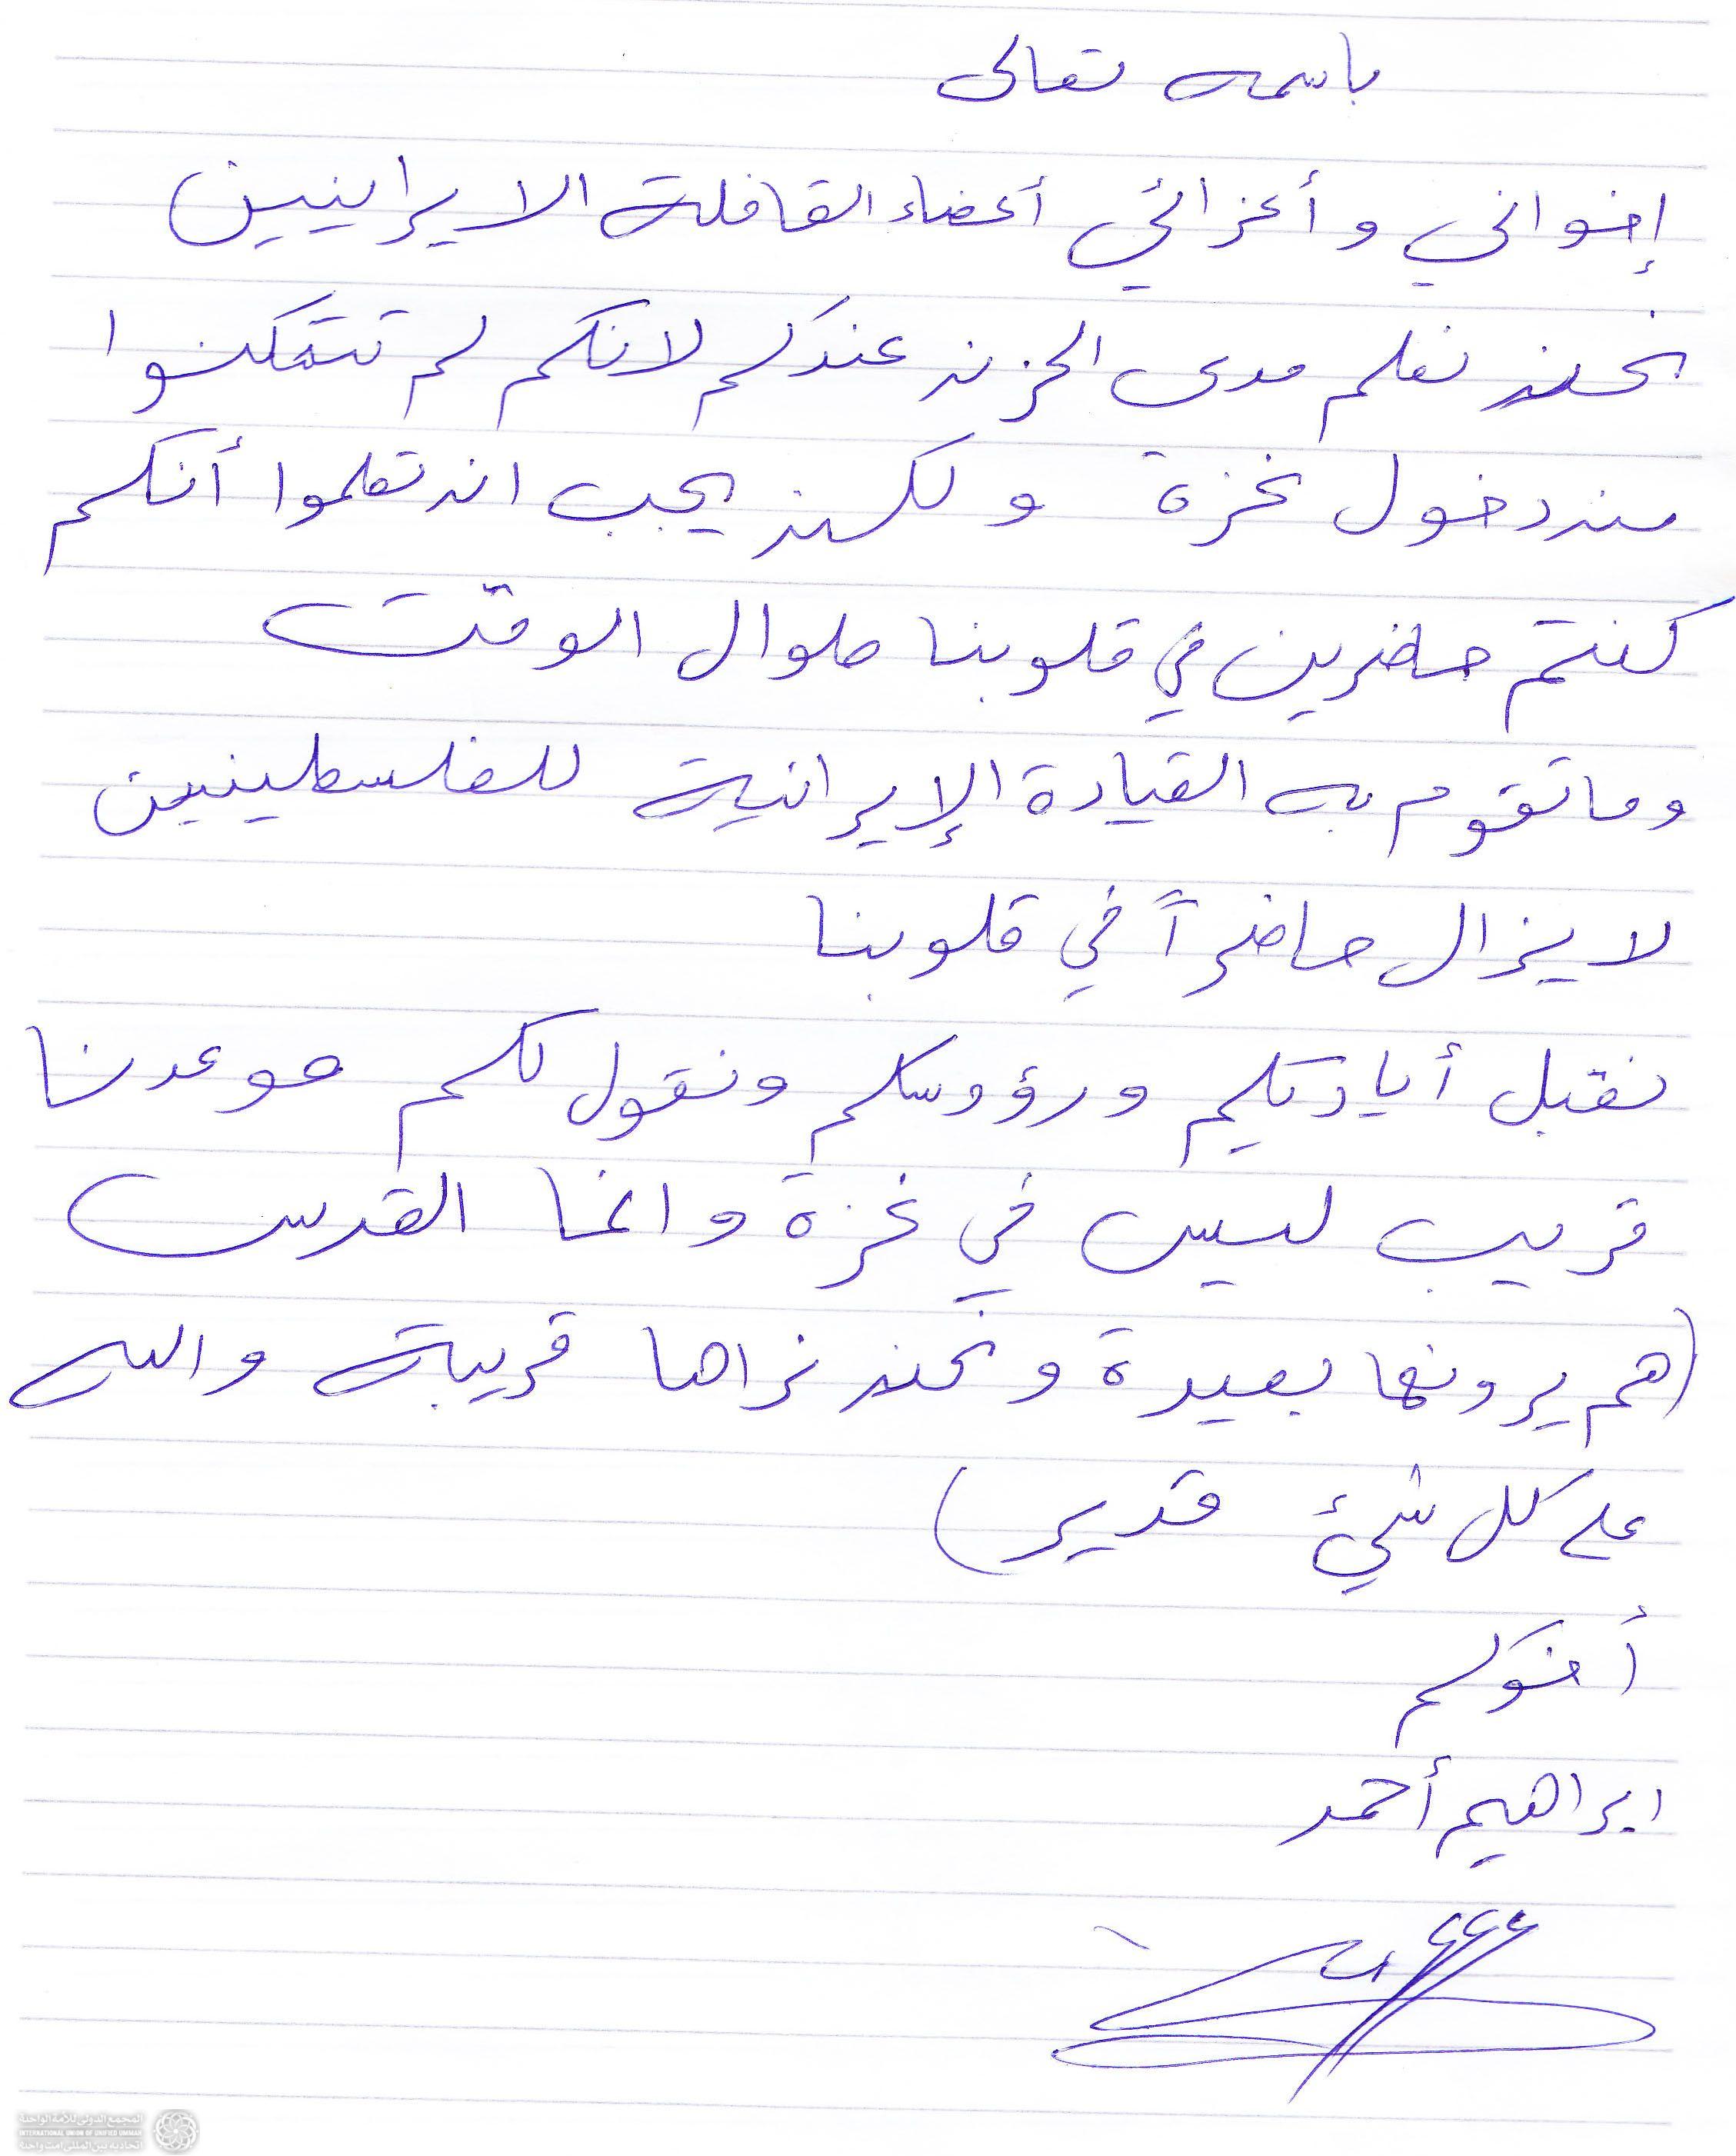 نامه از فلسطین3